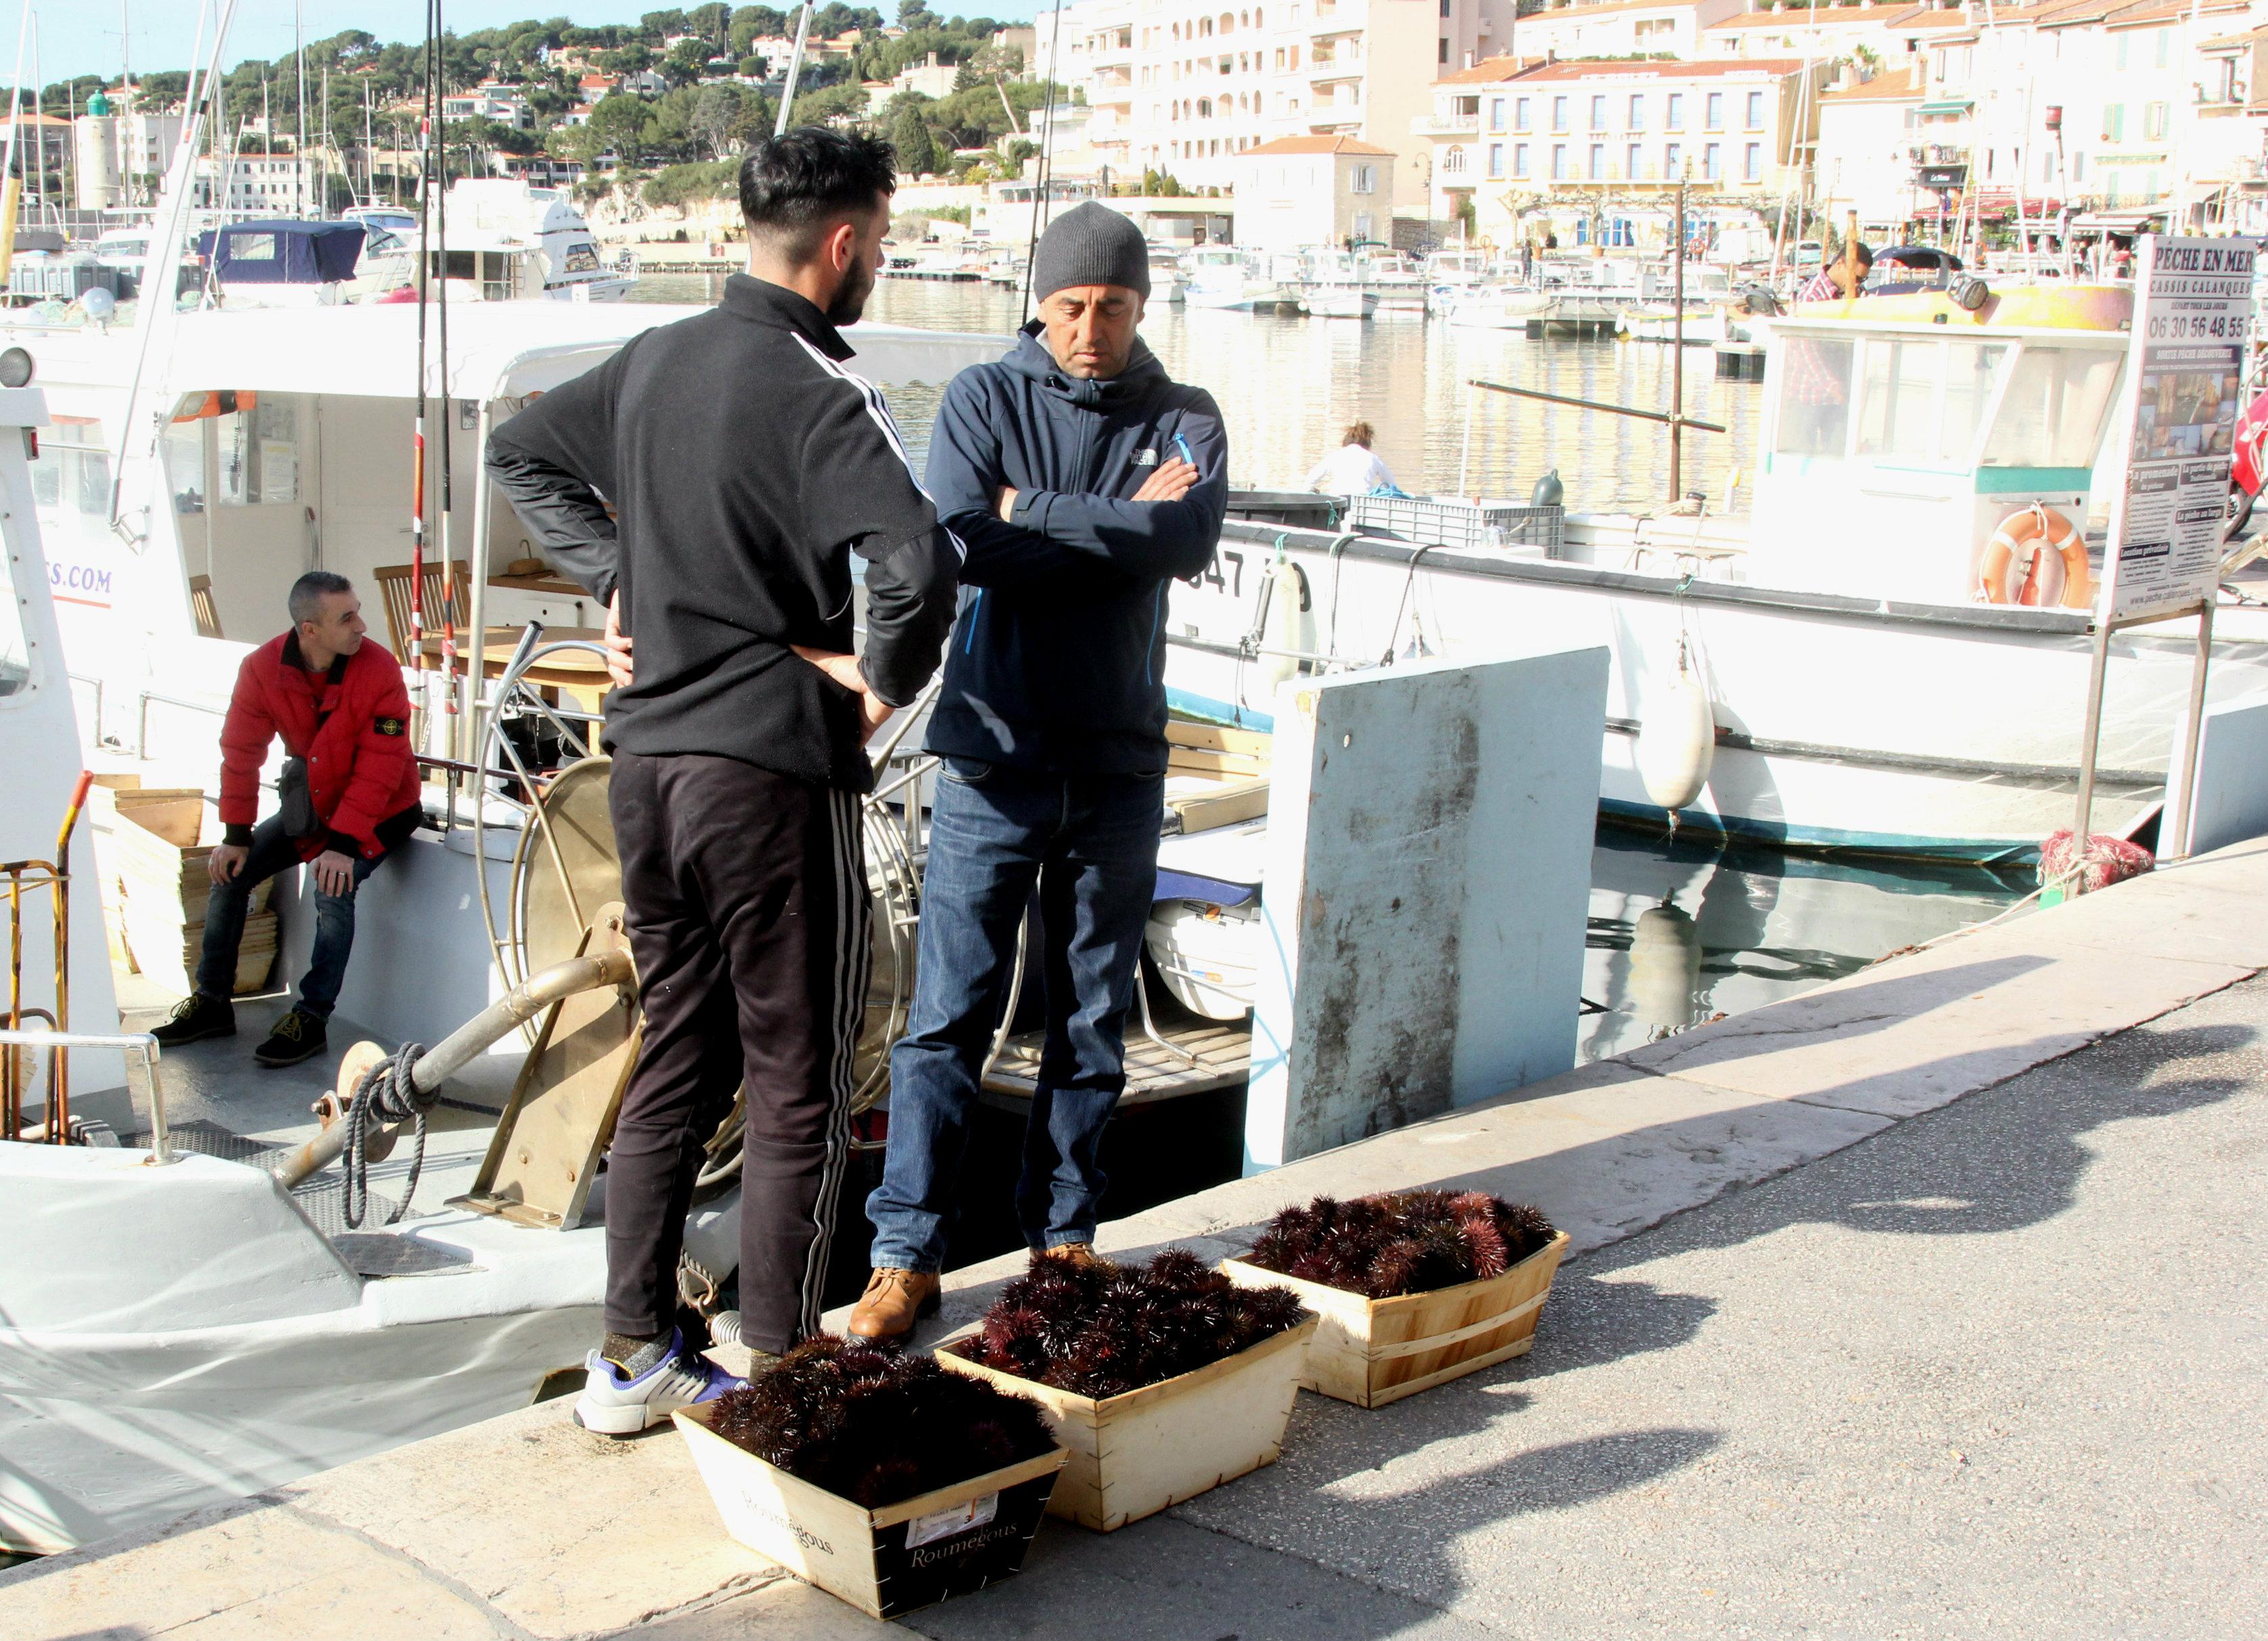 Søpindsvin vurderes på havnekanten